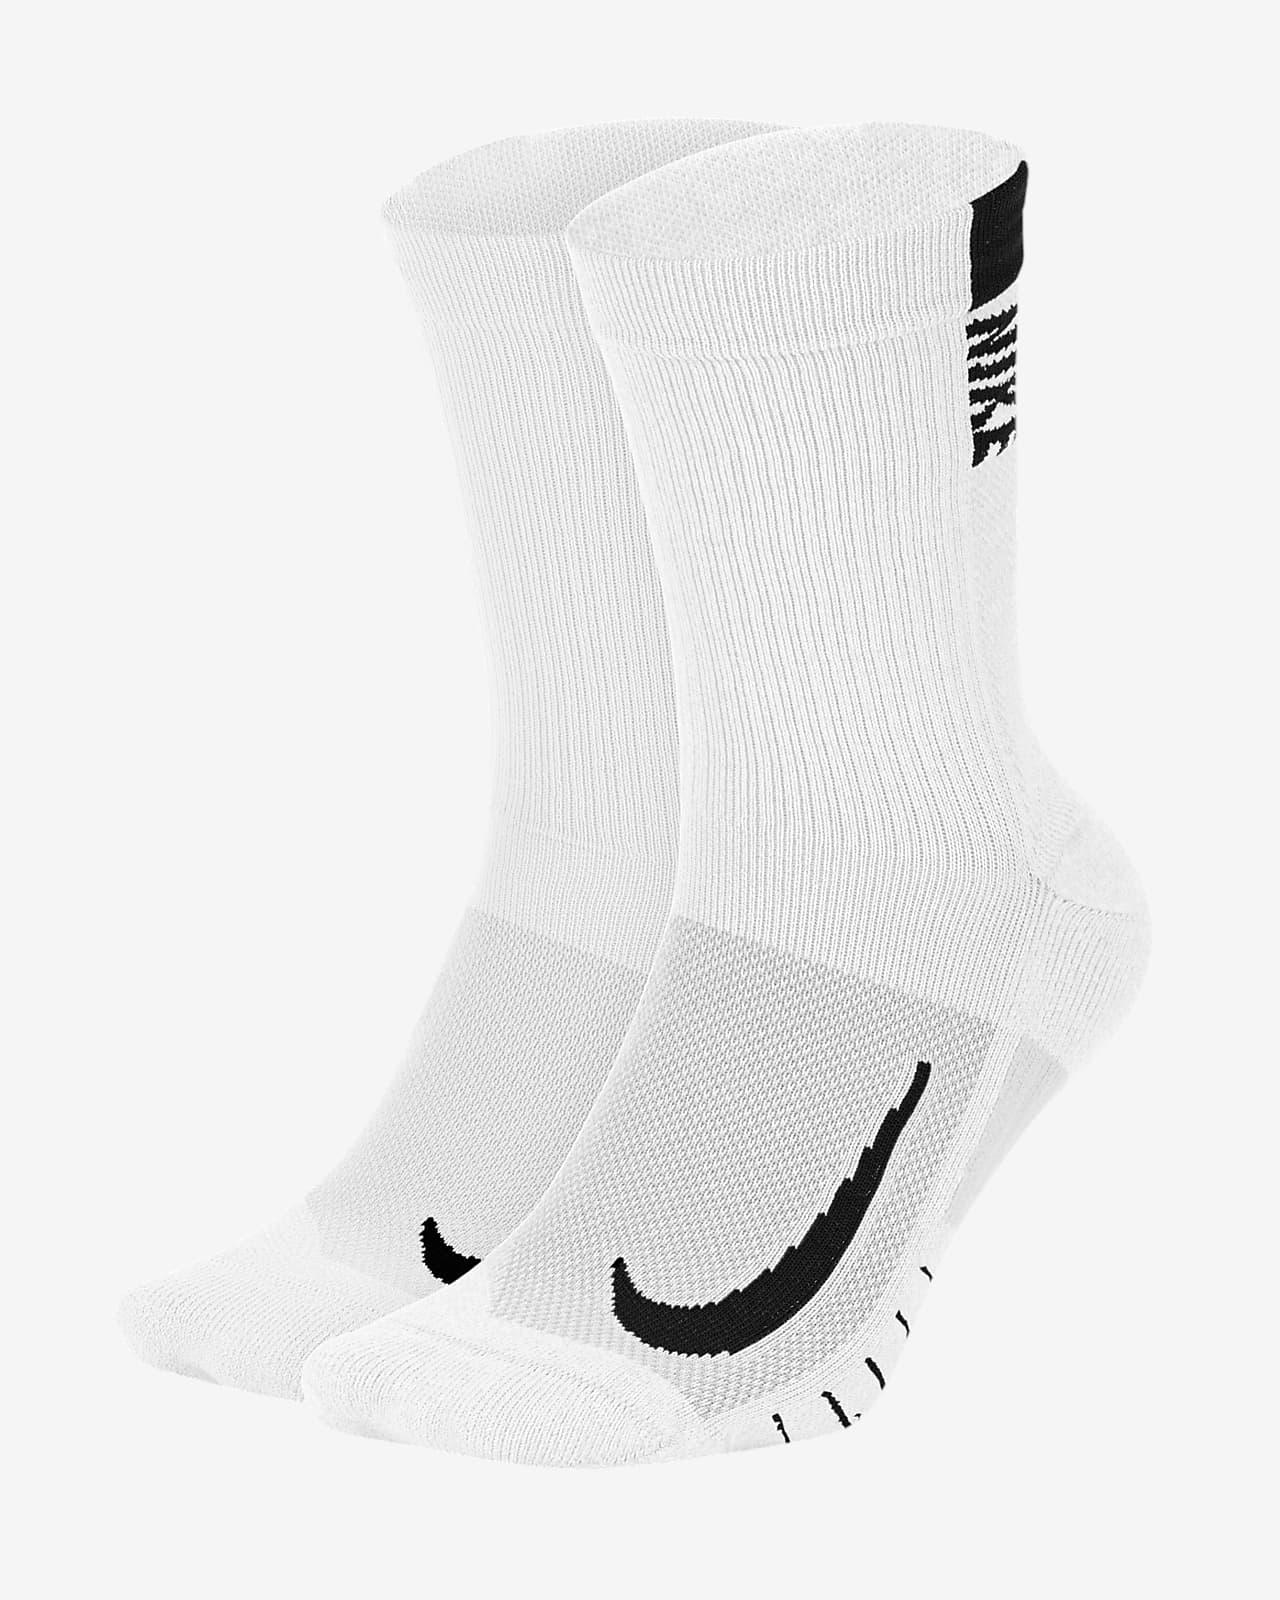 Vyšší ponožky Nike Multiplier (2 páry)